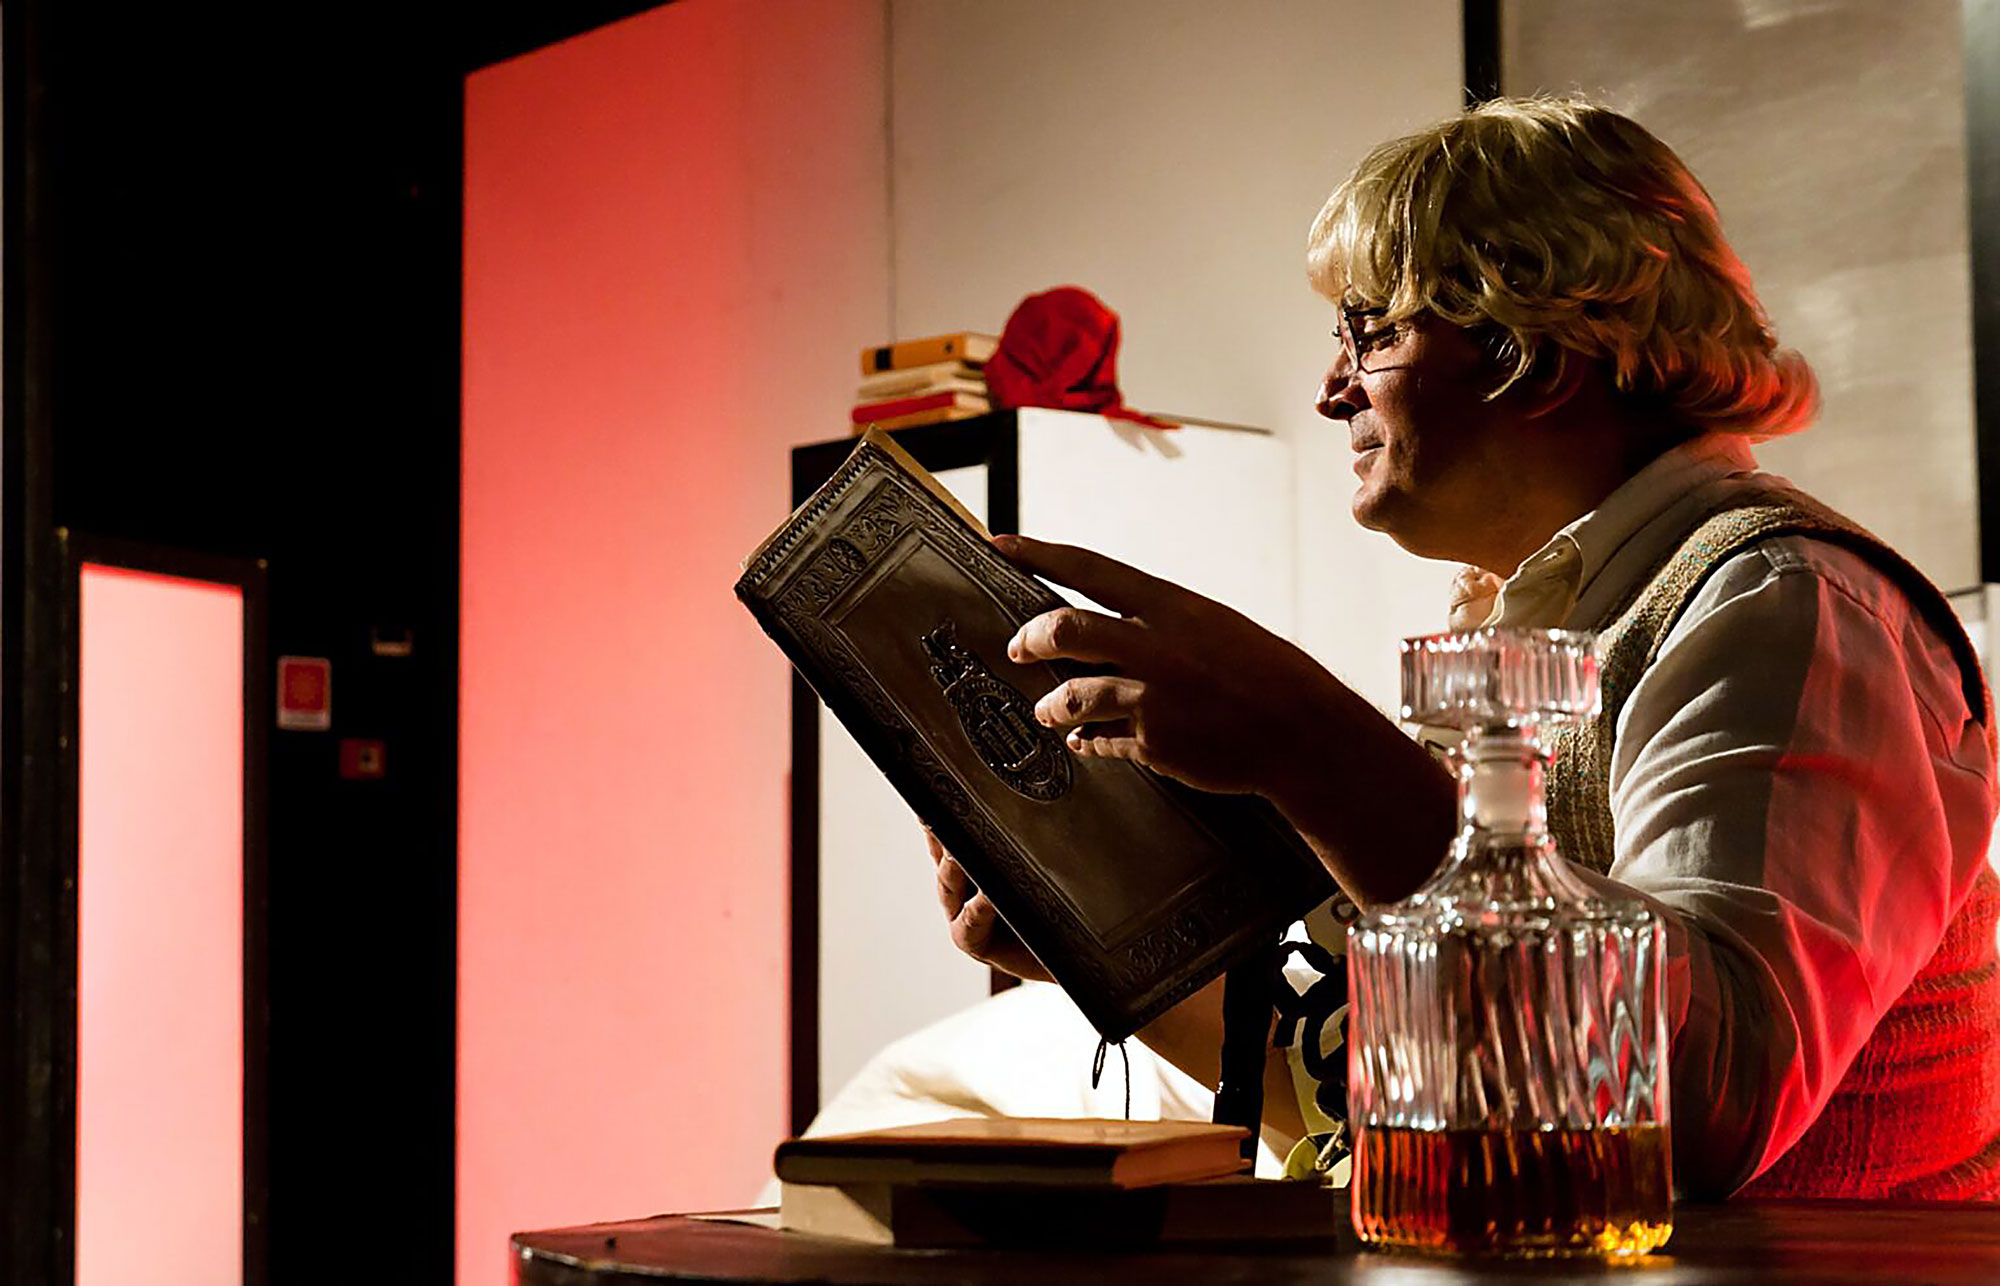 Aristide-e-la-gina-Teatro-modus-verona-castelletti